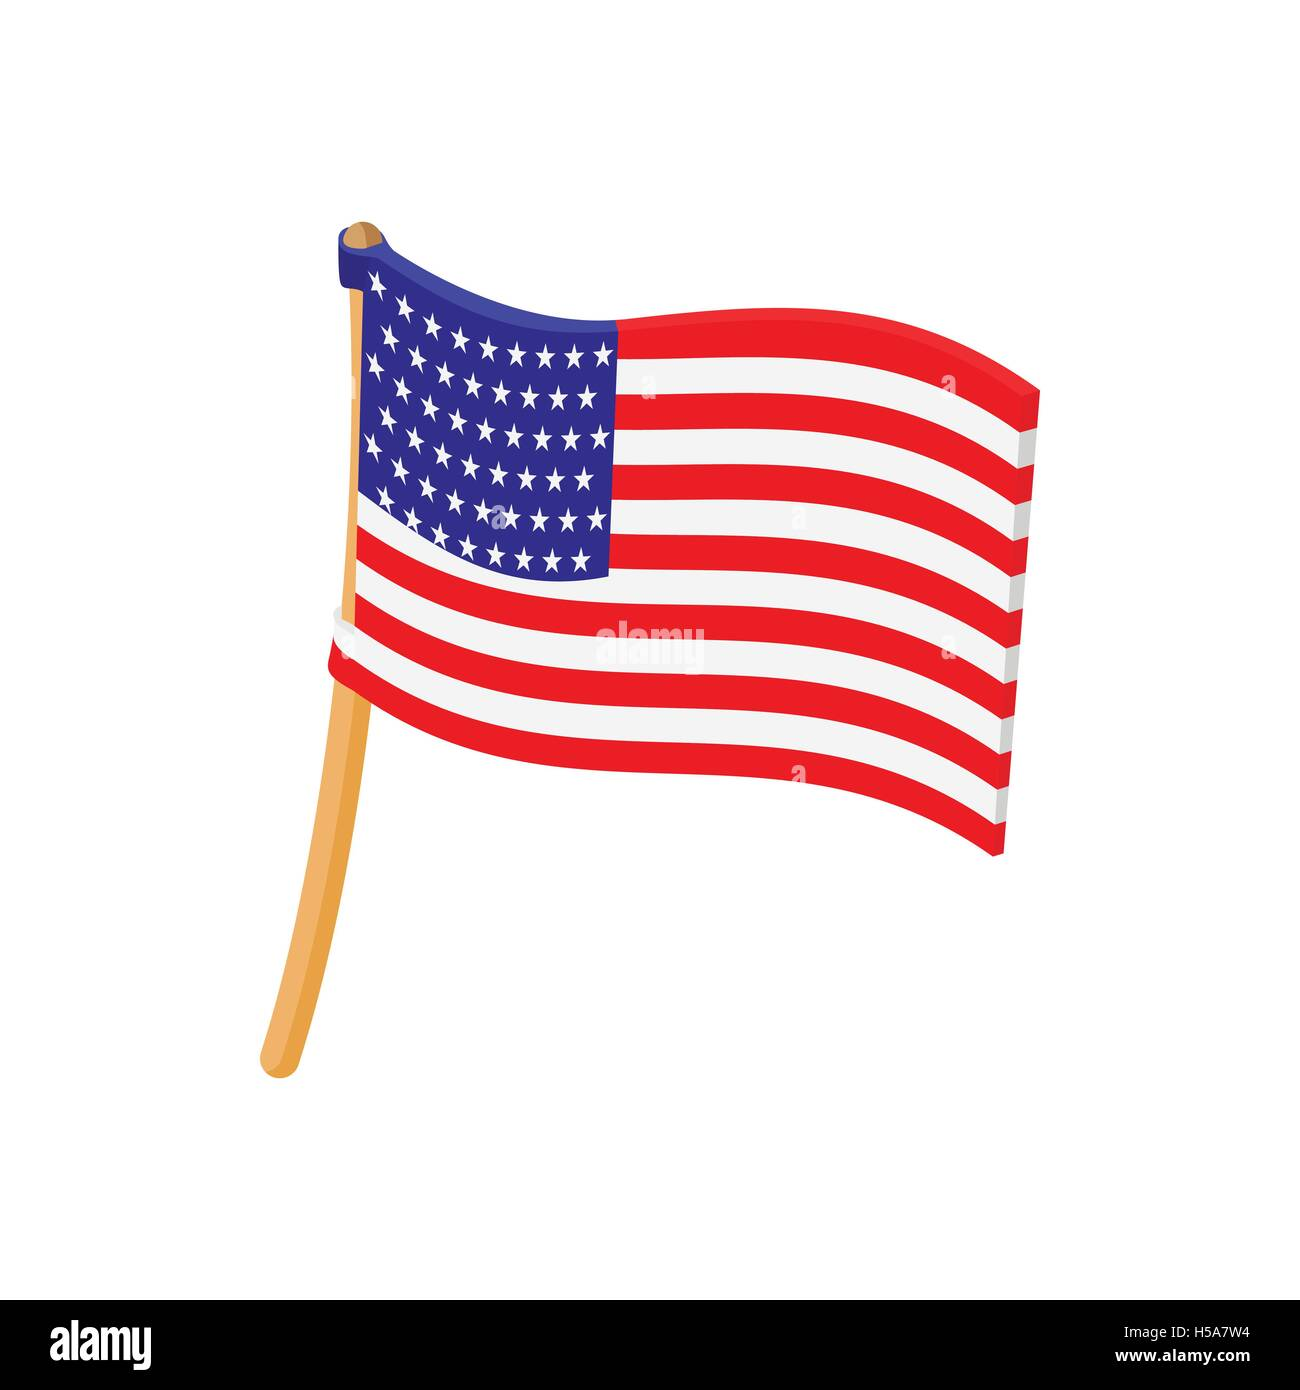 Icono De La Bandera De Estados Unidos En El Estilo De Dibujos